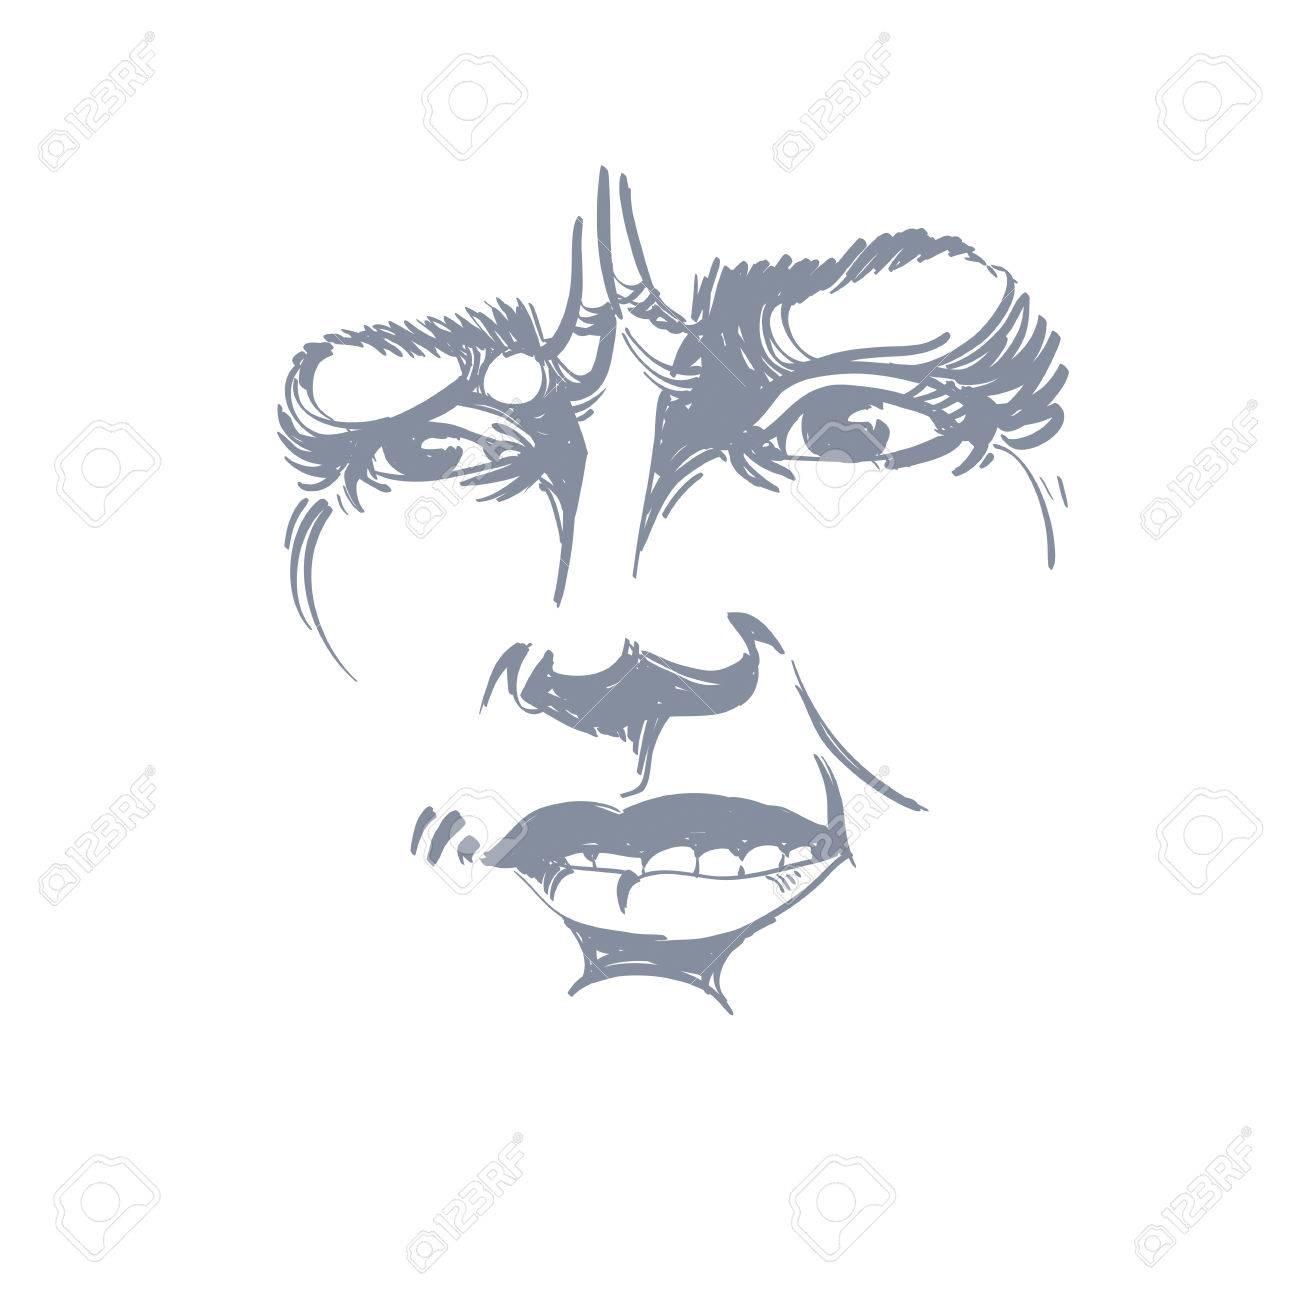 Dessin Vectoriel De La Femme Méfiante Traits Du Visage Portrait En Noir Et Blanc De Dame De Douteur Ne Me Mens Pas